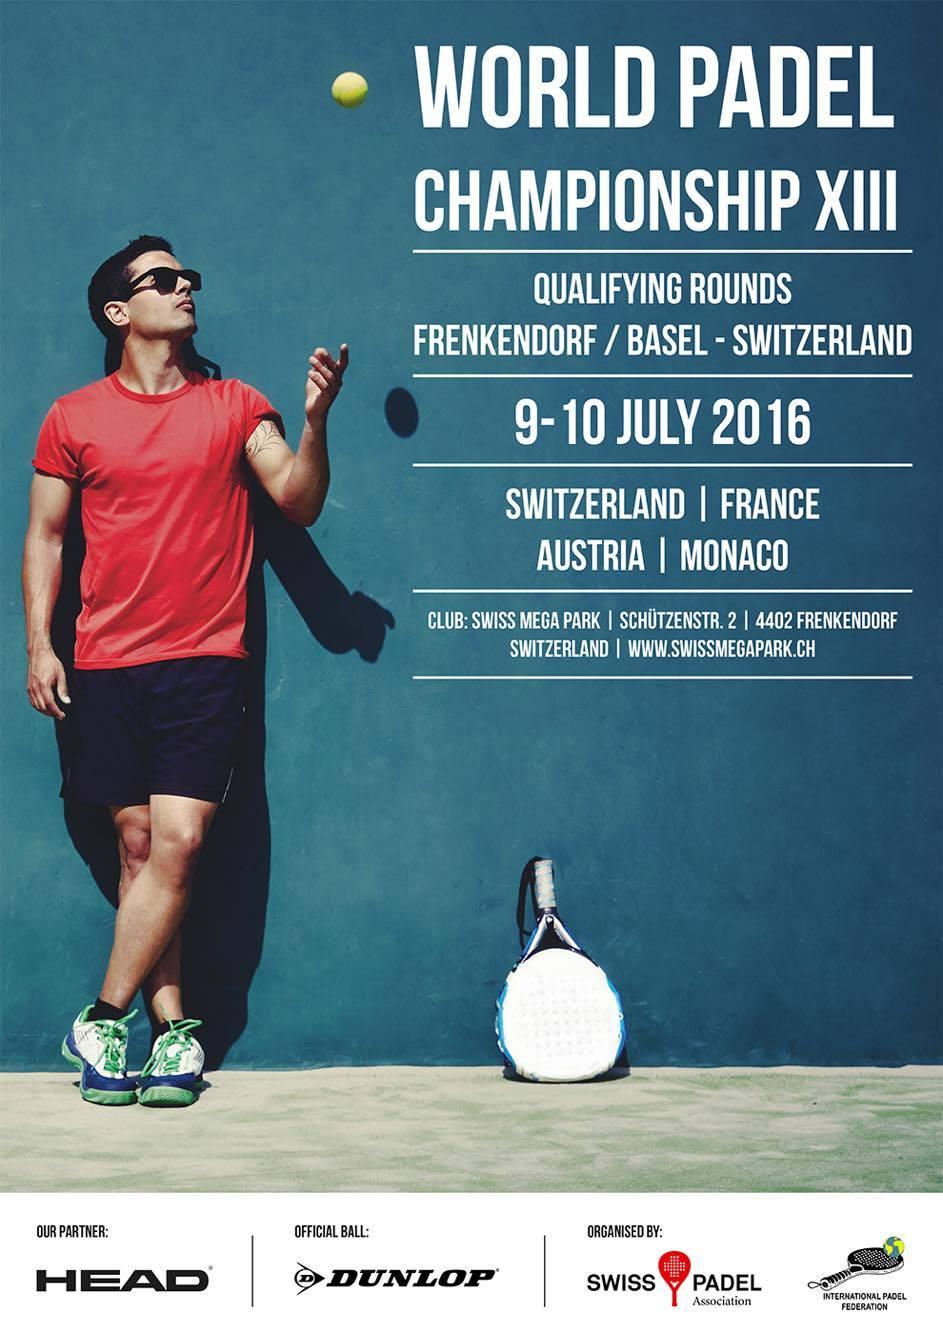 padel-världsmästerskapet 2016 kvalificeringsplakat